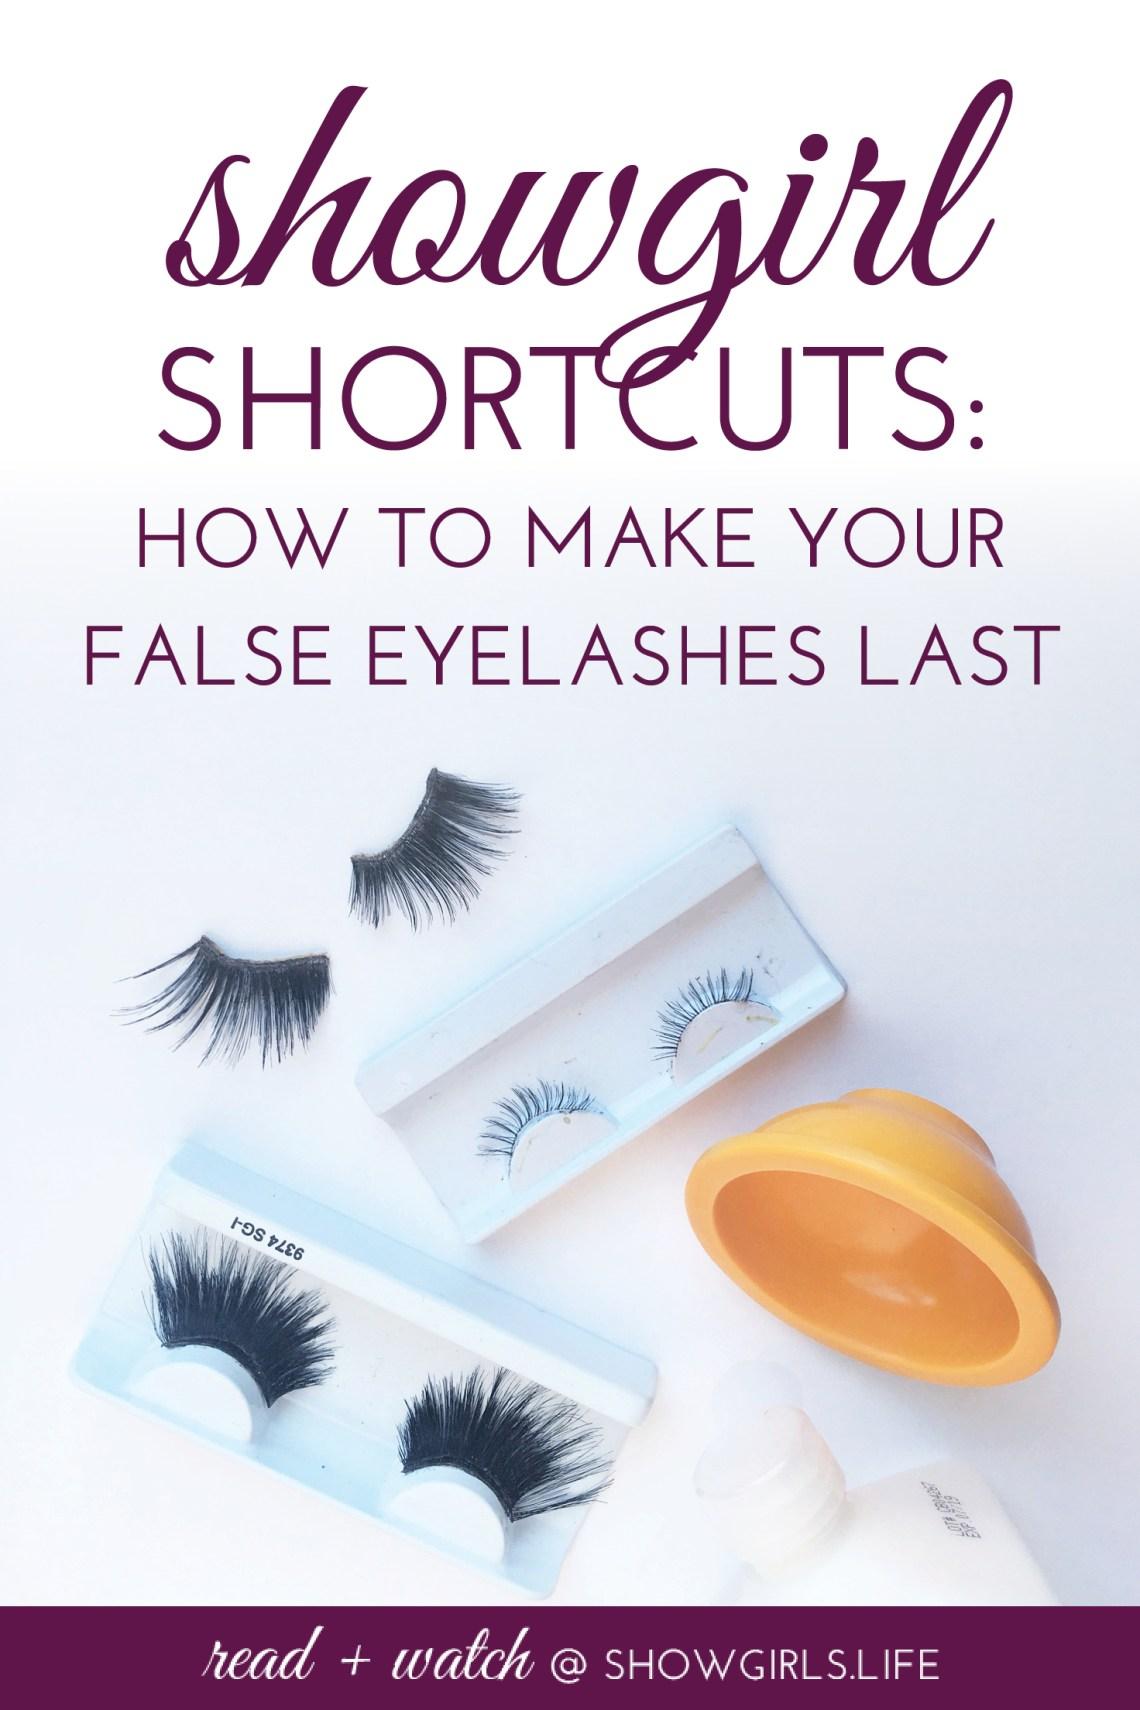 Showgirls.Life – Showgirl Shortcuts: How to Make Your False Eyelashes Last